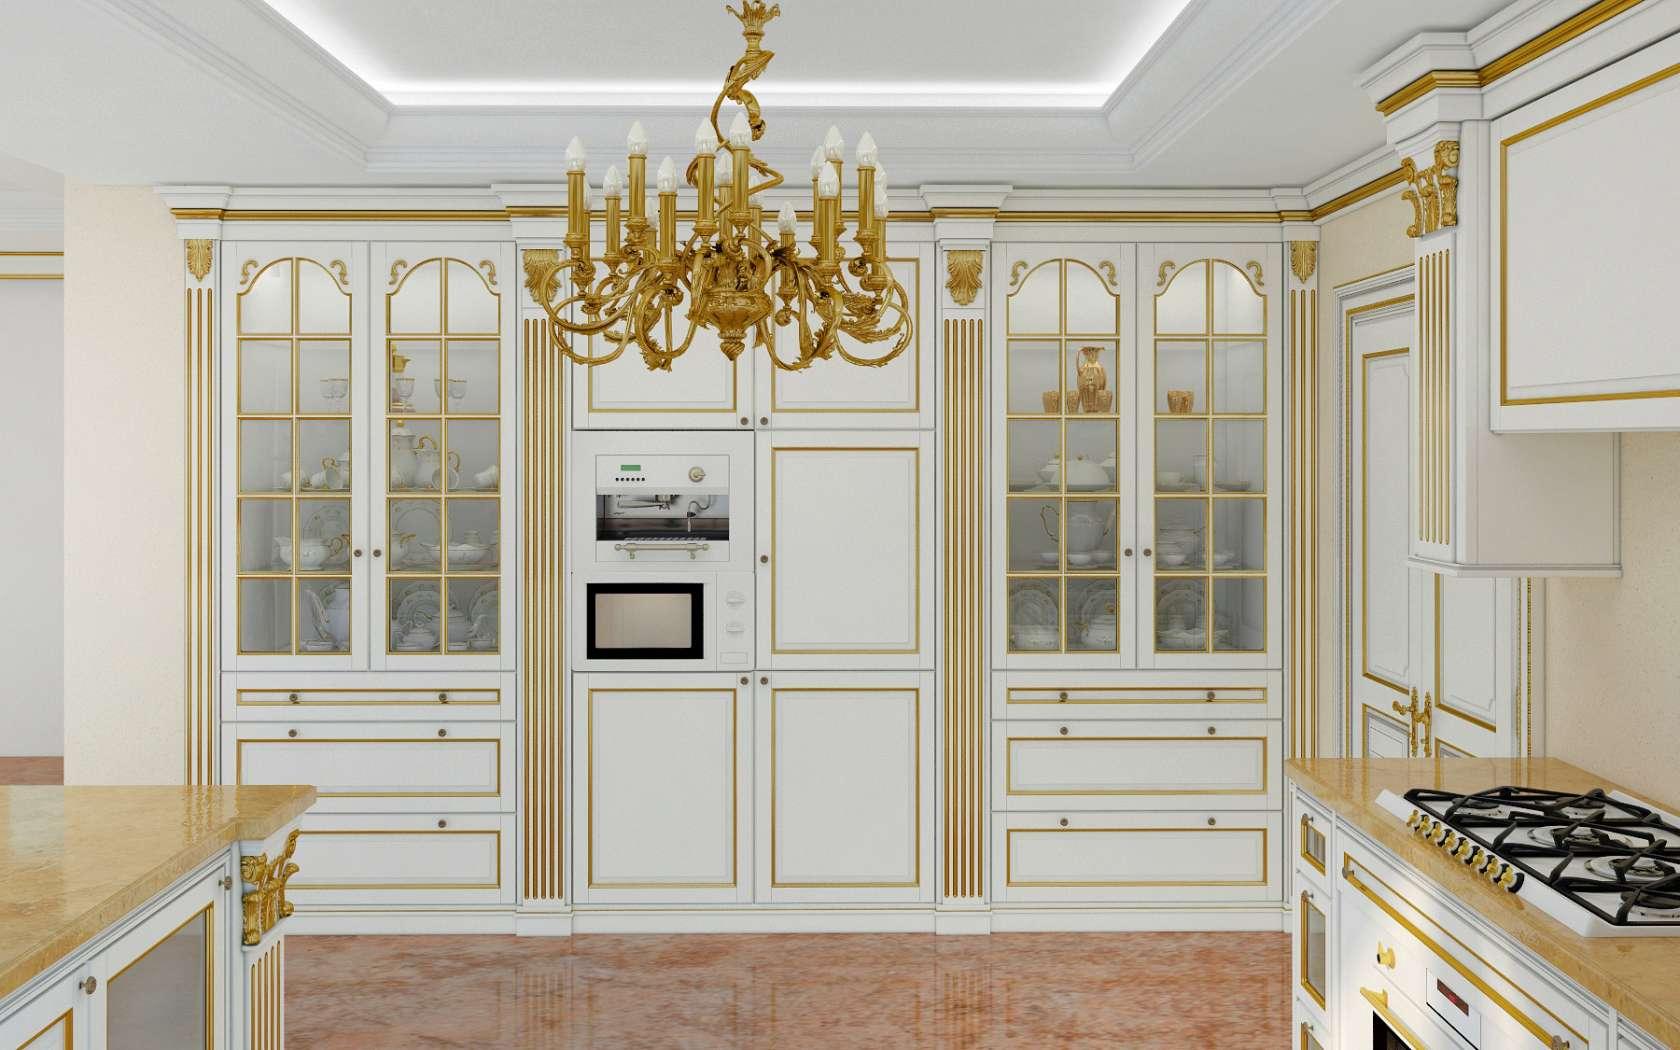 Cucina di lusso su misura legacy vimercati meda - Cucine di lusso tedesche ...